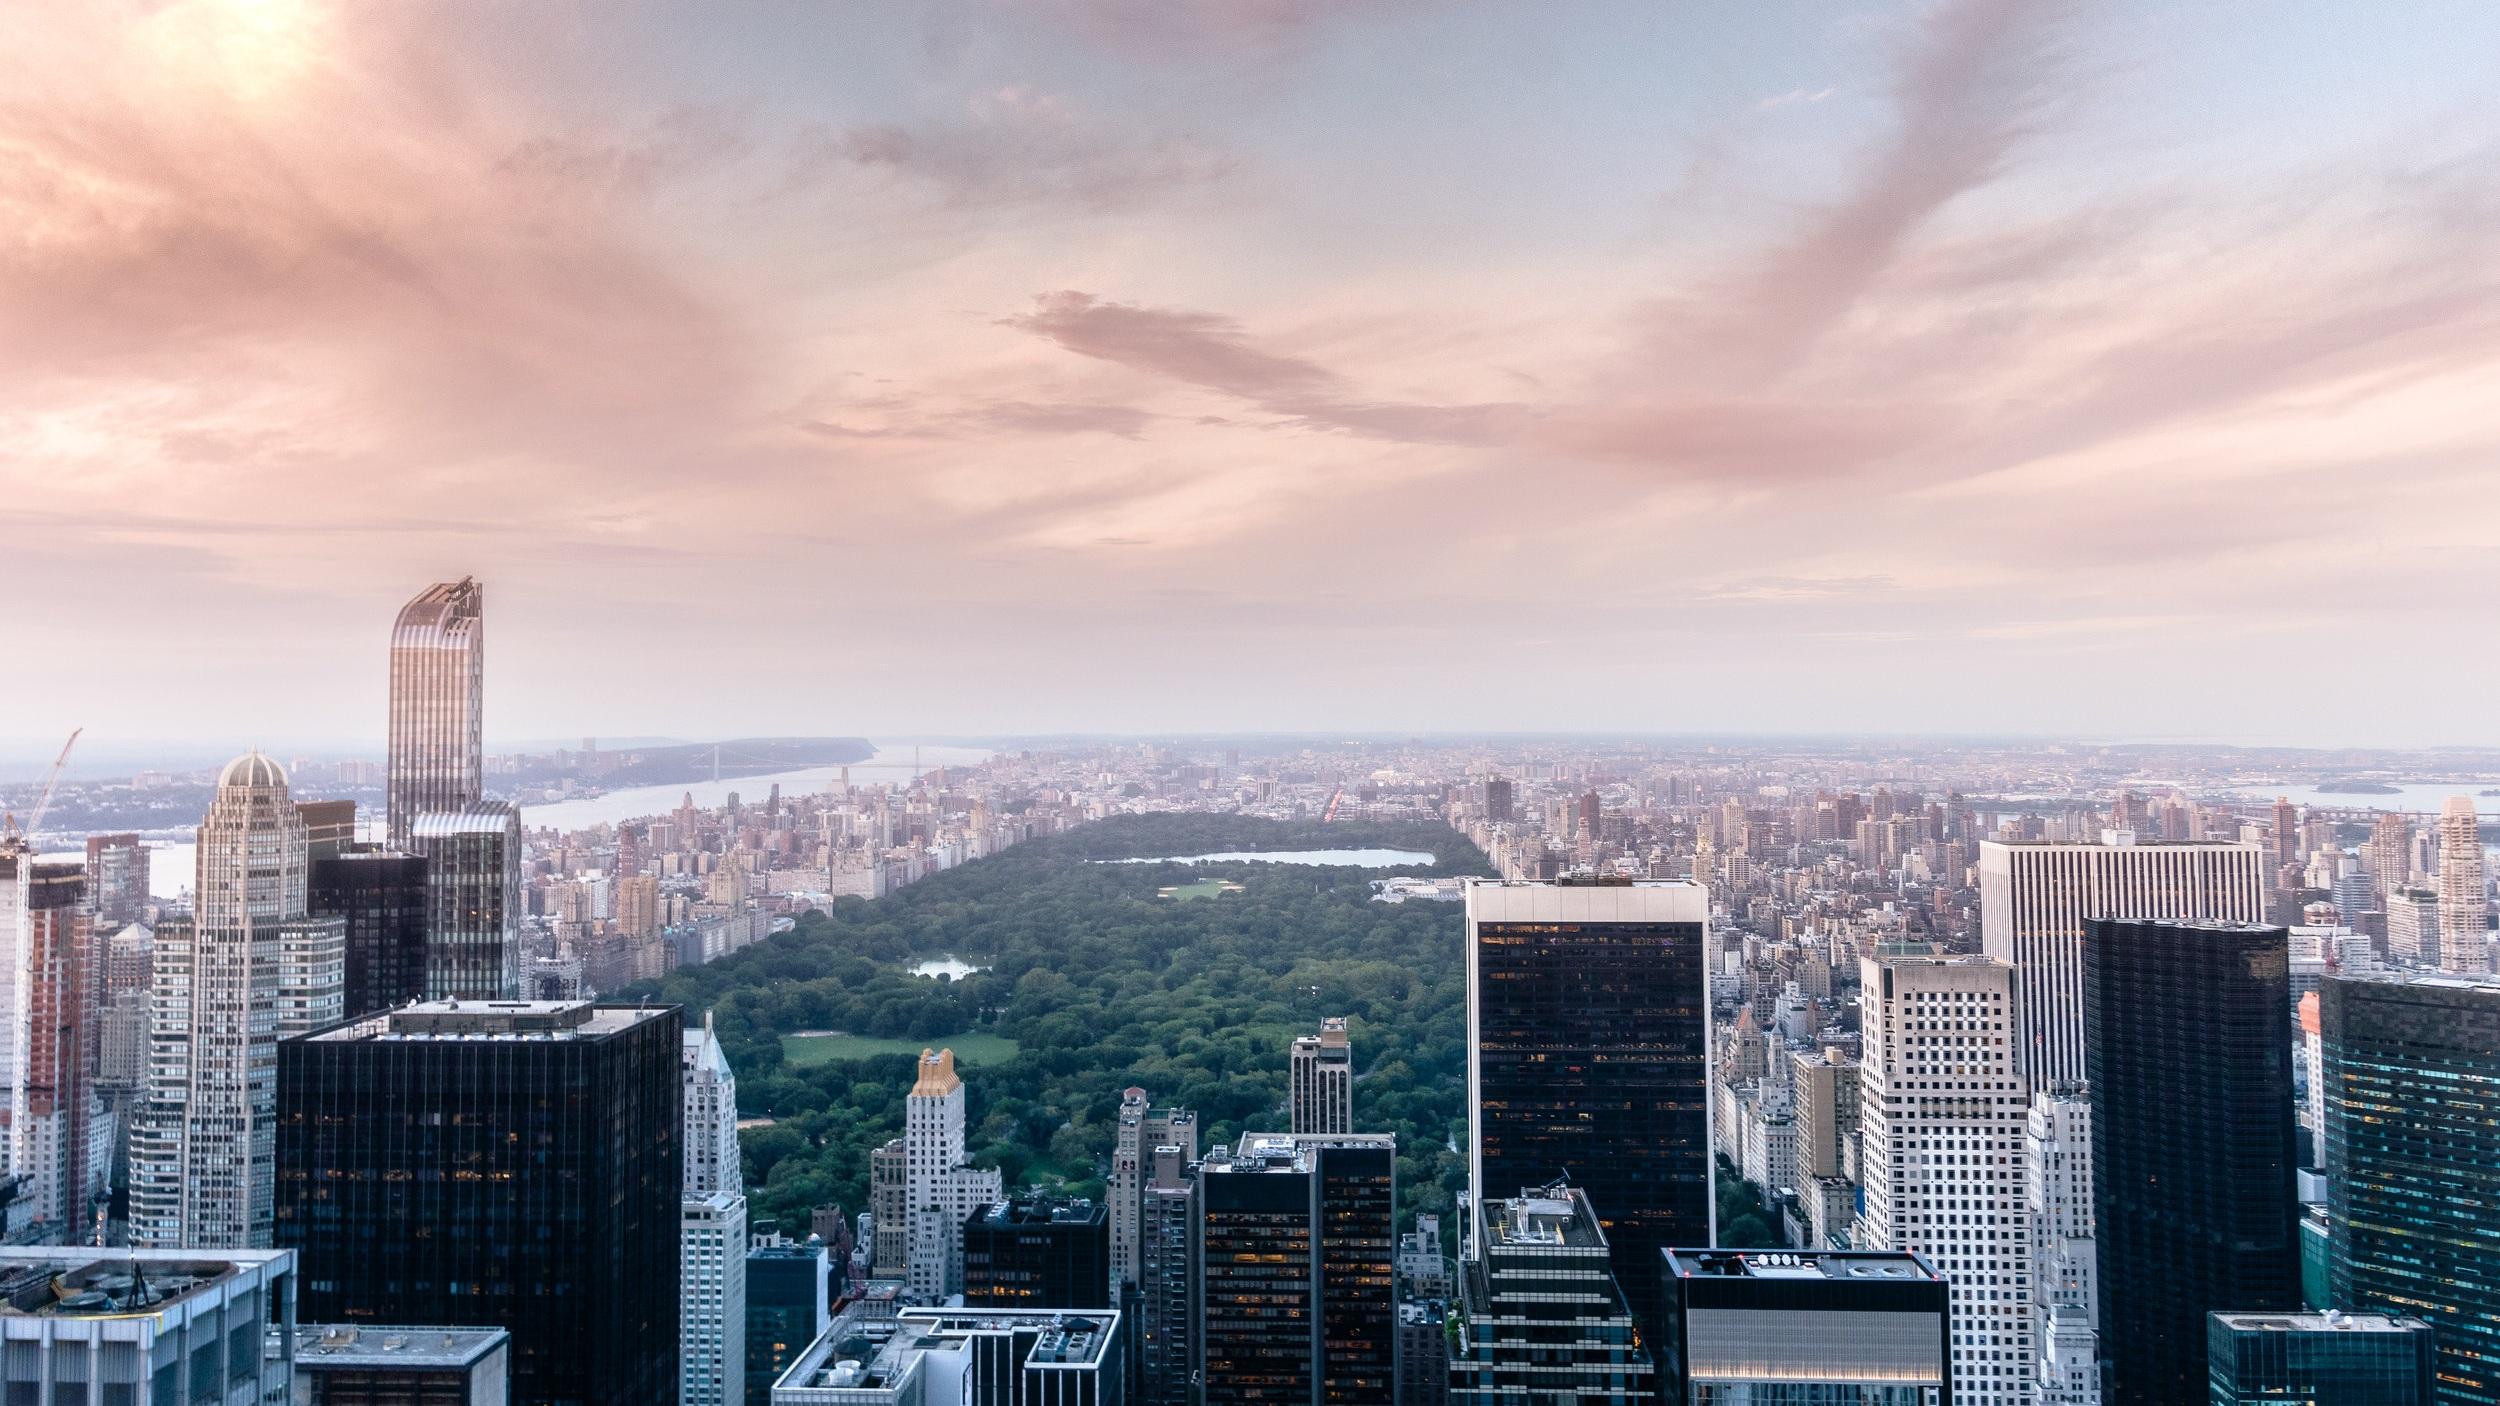 Central Park juvelen på Manhattan - Förmodligen världens mest kända park. Mitt på Manhattan, bland alla skyskrapor ligger den här 340 hektar stora park. Vill du ta en löprunda eller bara en promenad i lite lugnare miljö är det här definitivt platsen för dig. Inuti parken även finns en hel drös med sevärdheter som Central Park Zoo, sjön The Reservoir, Sheep Meadow som visar utomhusfilm på sommaren och på vinter finns även två skridskobanor, Wollman Rink och Lasker Rink.